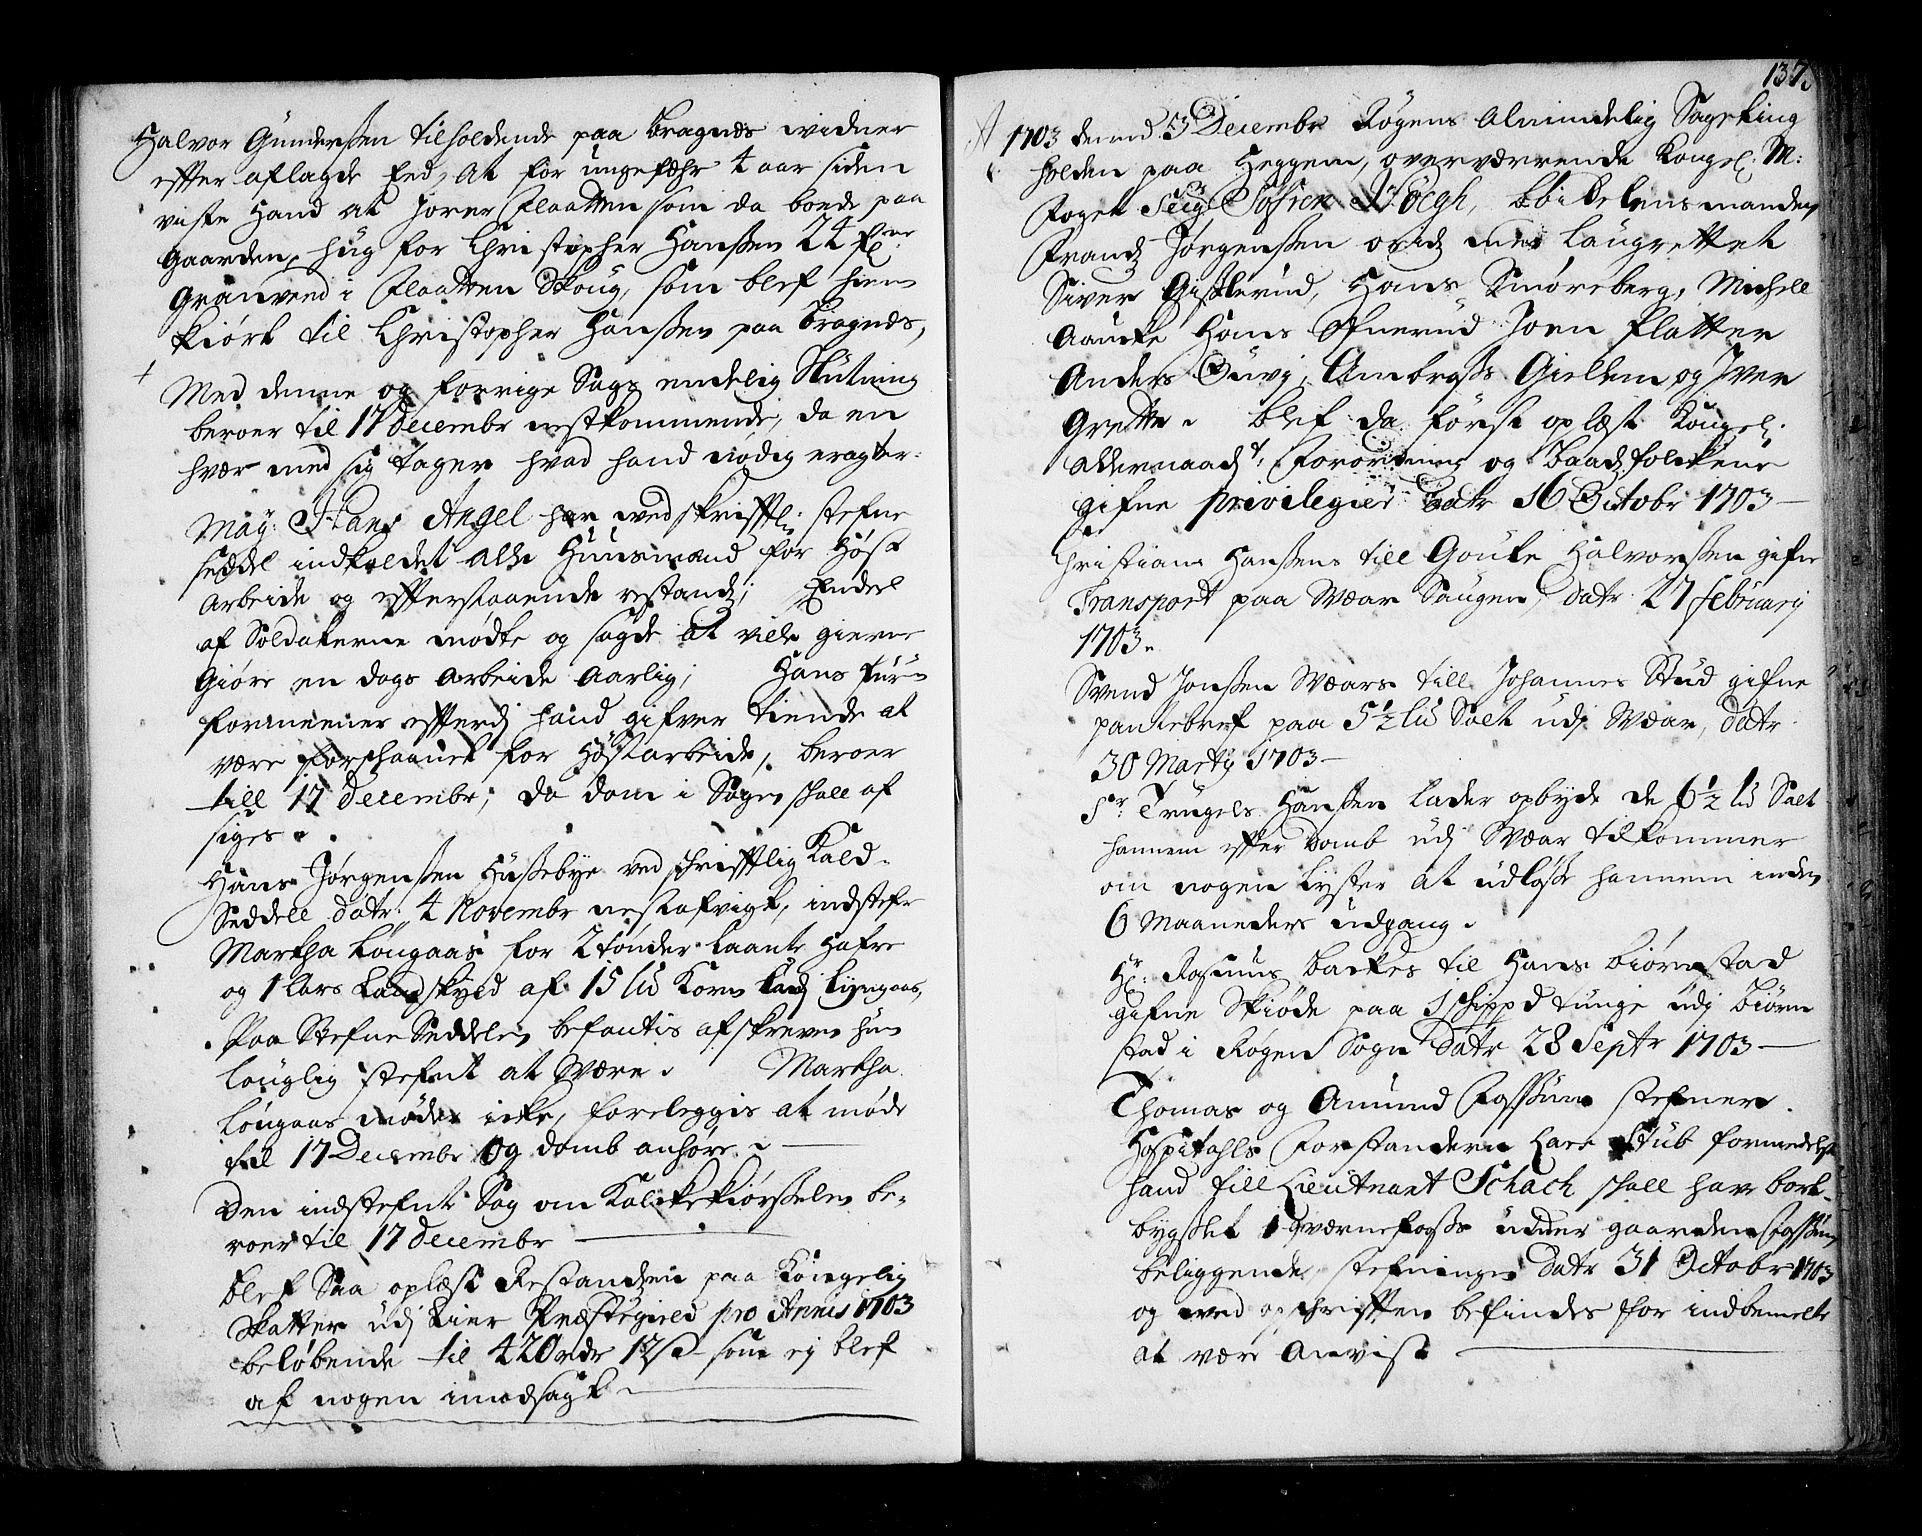 SAKO, Lier, Røyken og Hurum sorenskriveri, F/Fa/L0039: Tingbok, 1701-1704, s. 137